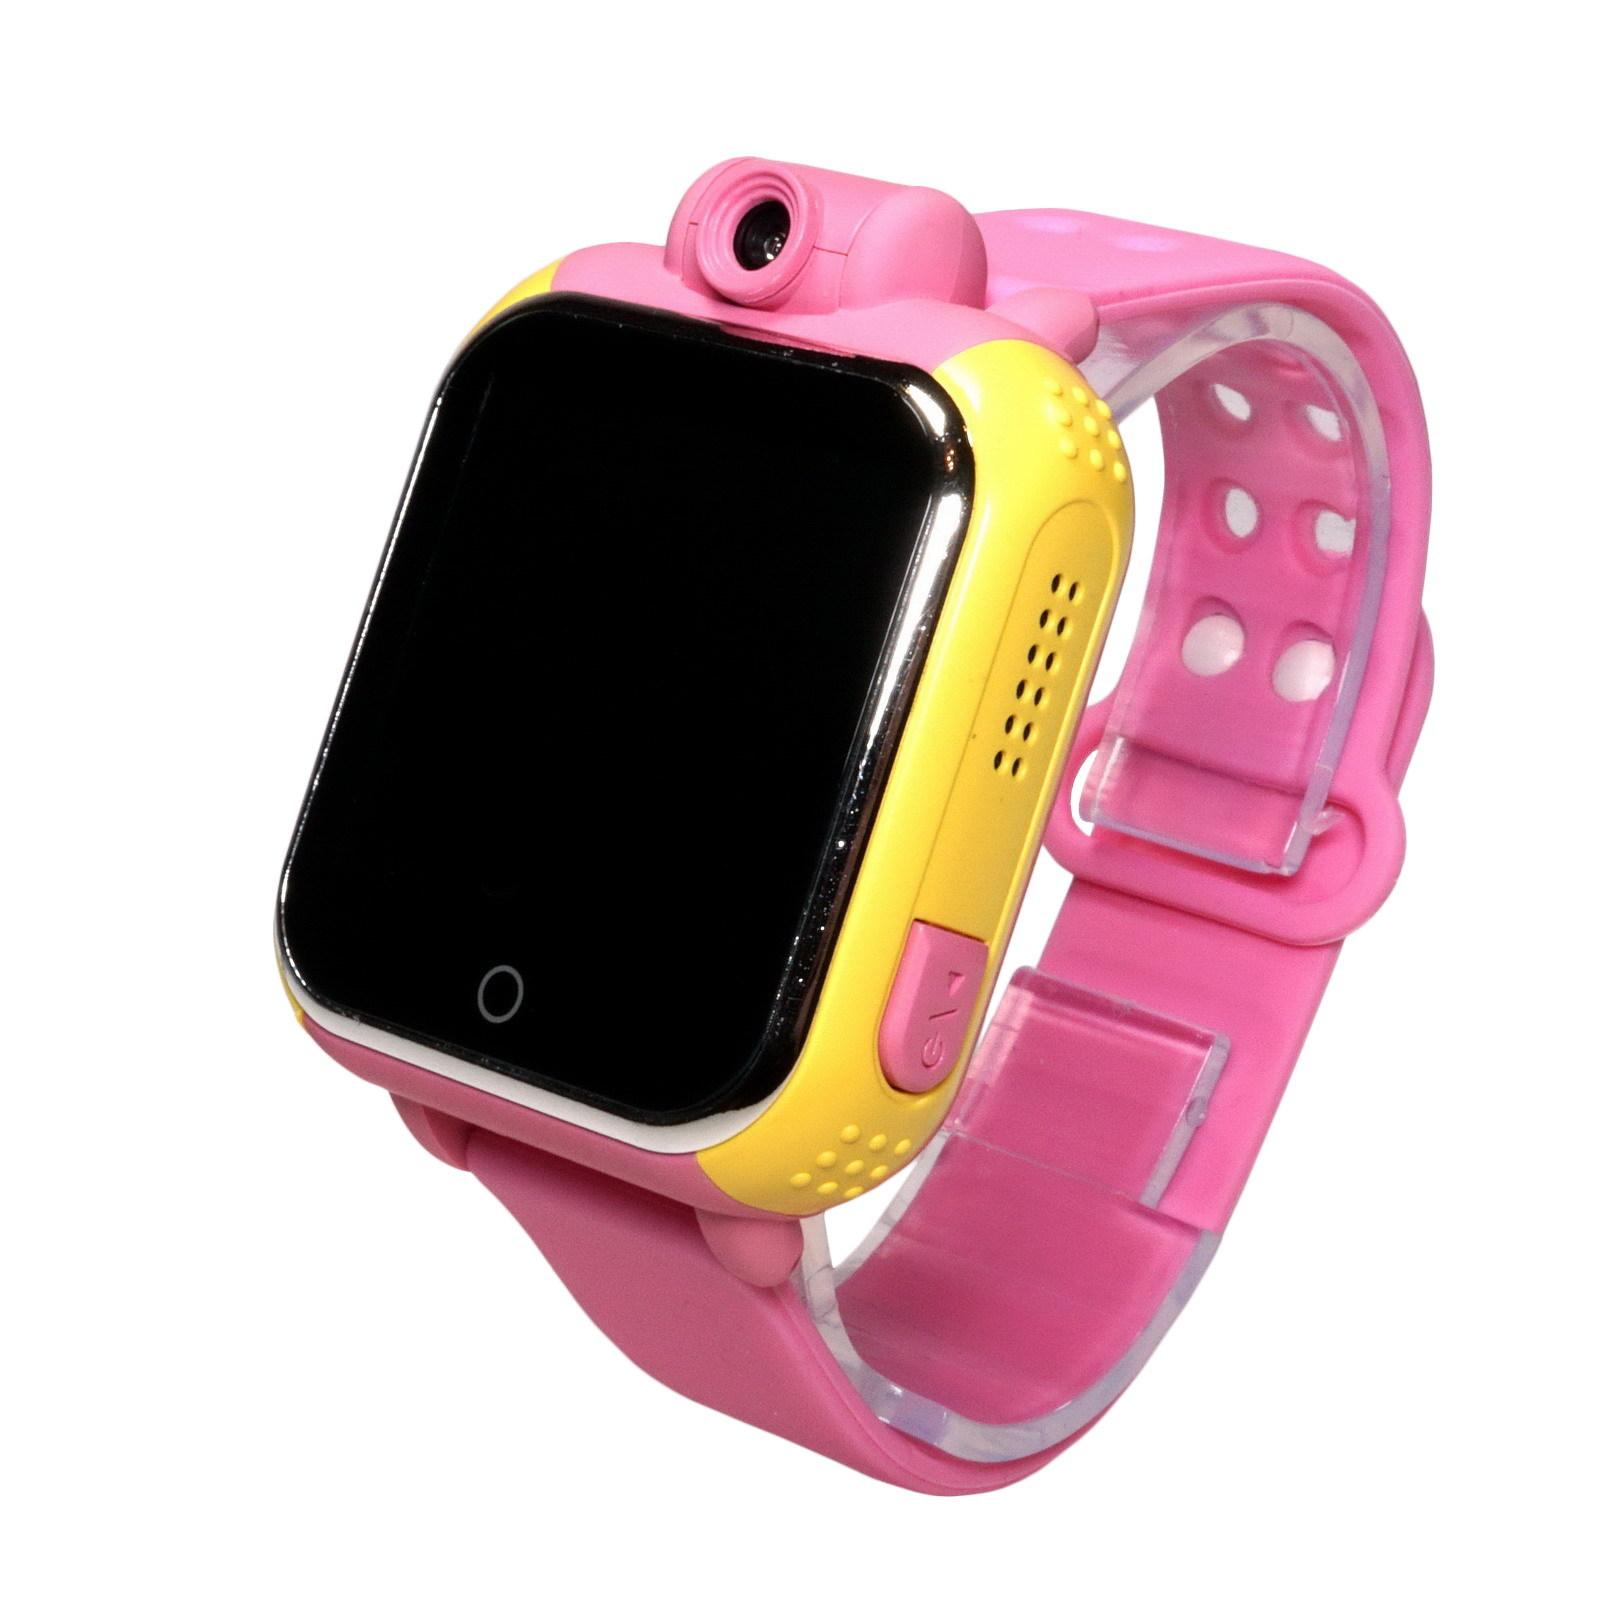 Купить умные часы для детей интернет магазин иркутск